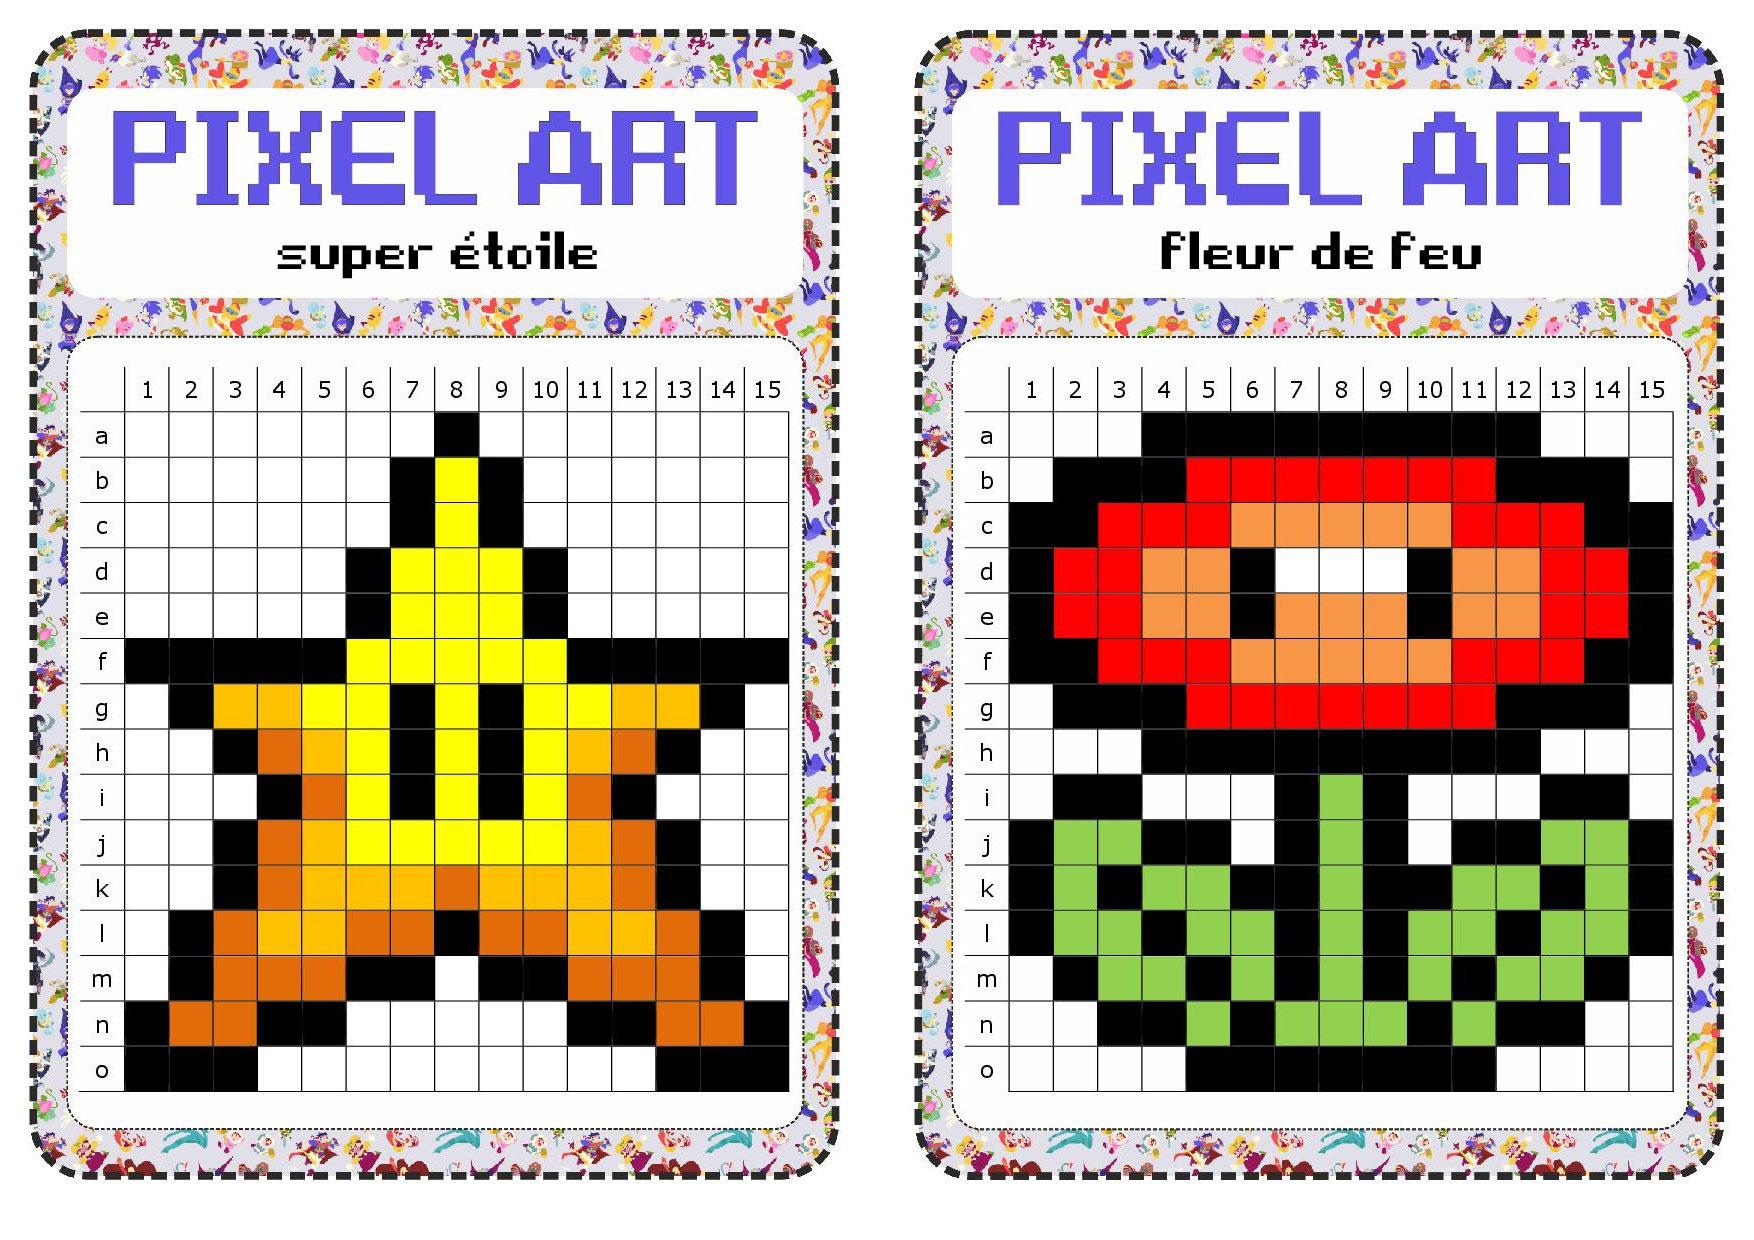 Atelier Libre : Pixel Art - Fiches De Préparations (Cycle1 avec Quadrillage À Imprimer